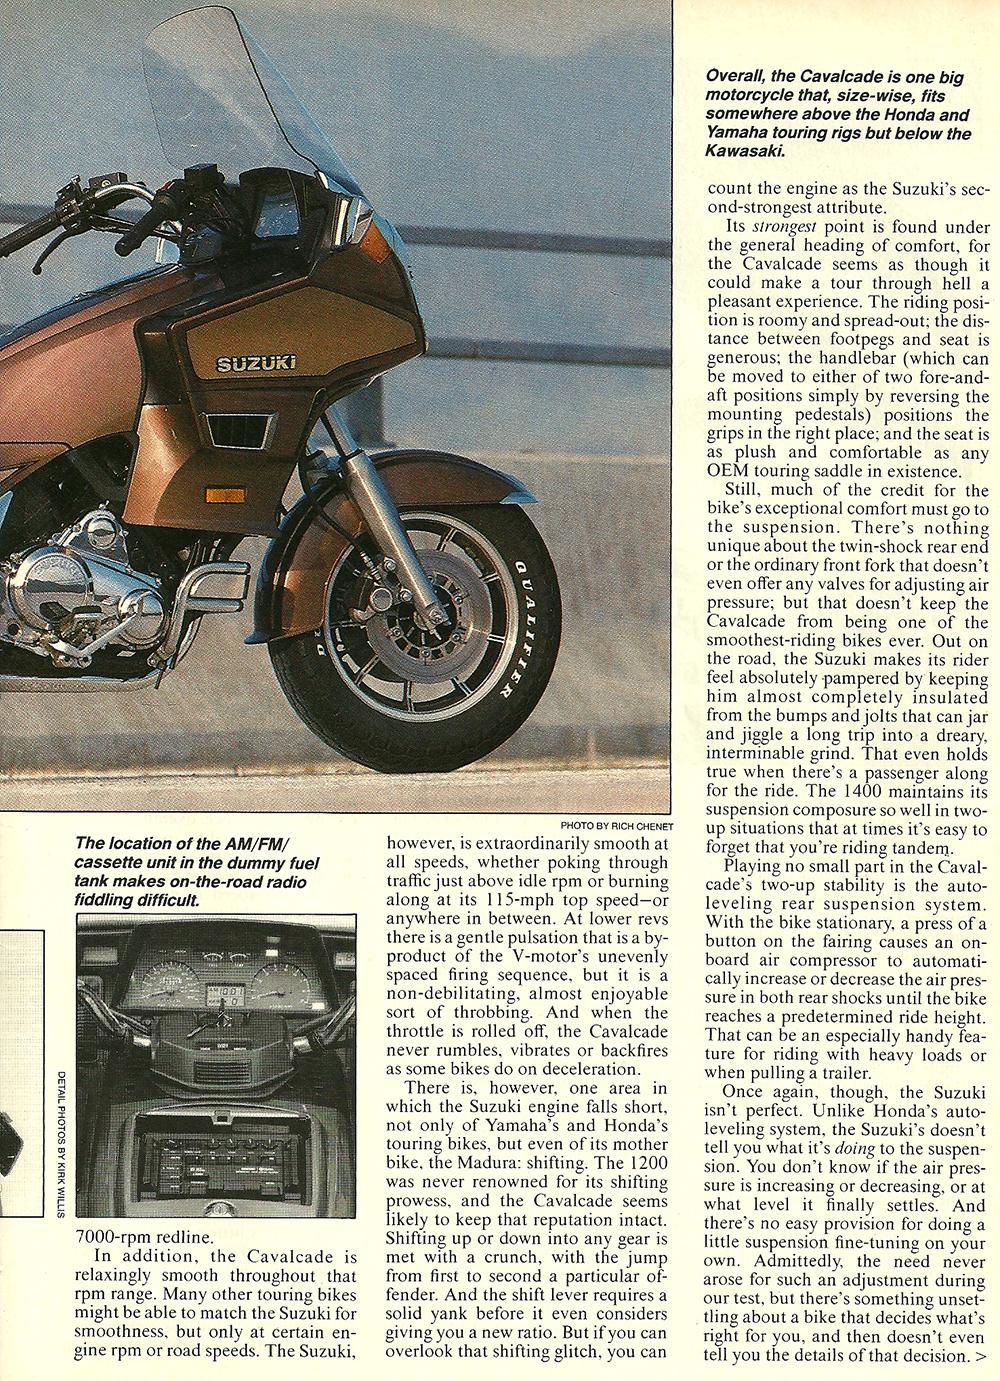 1985 Suzuki GV1400 Cavalcade road test 04.jpg